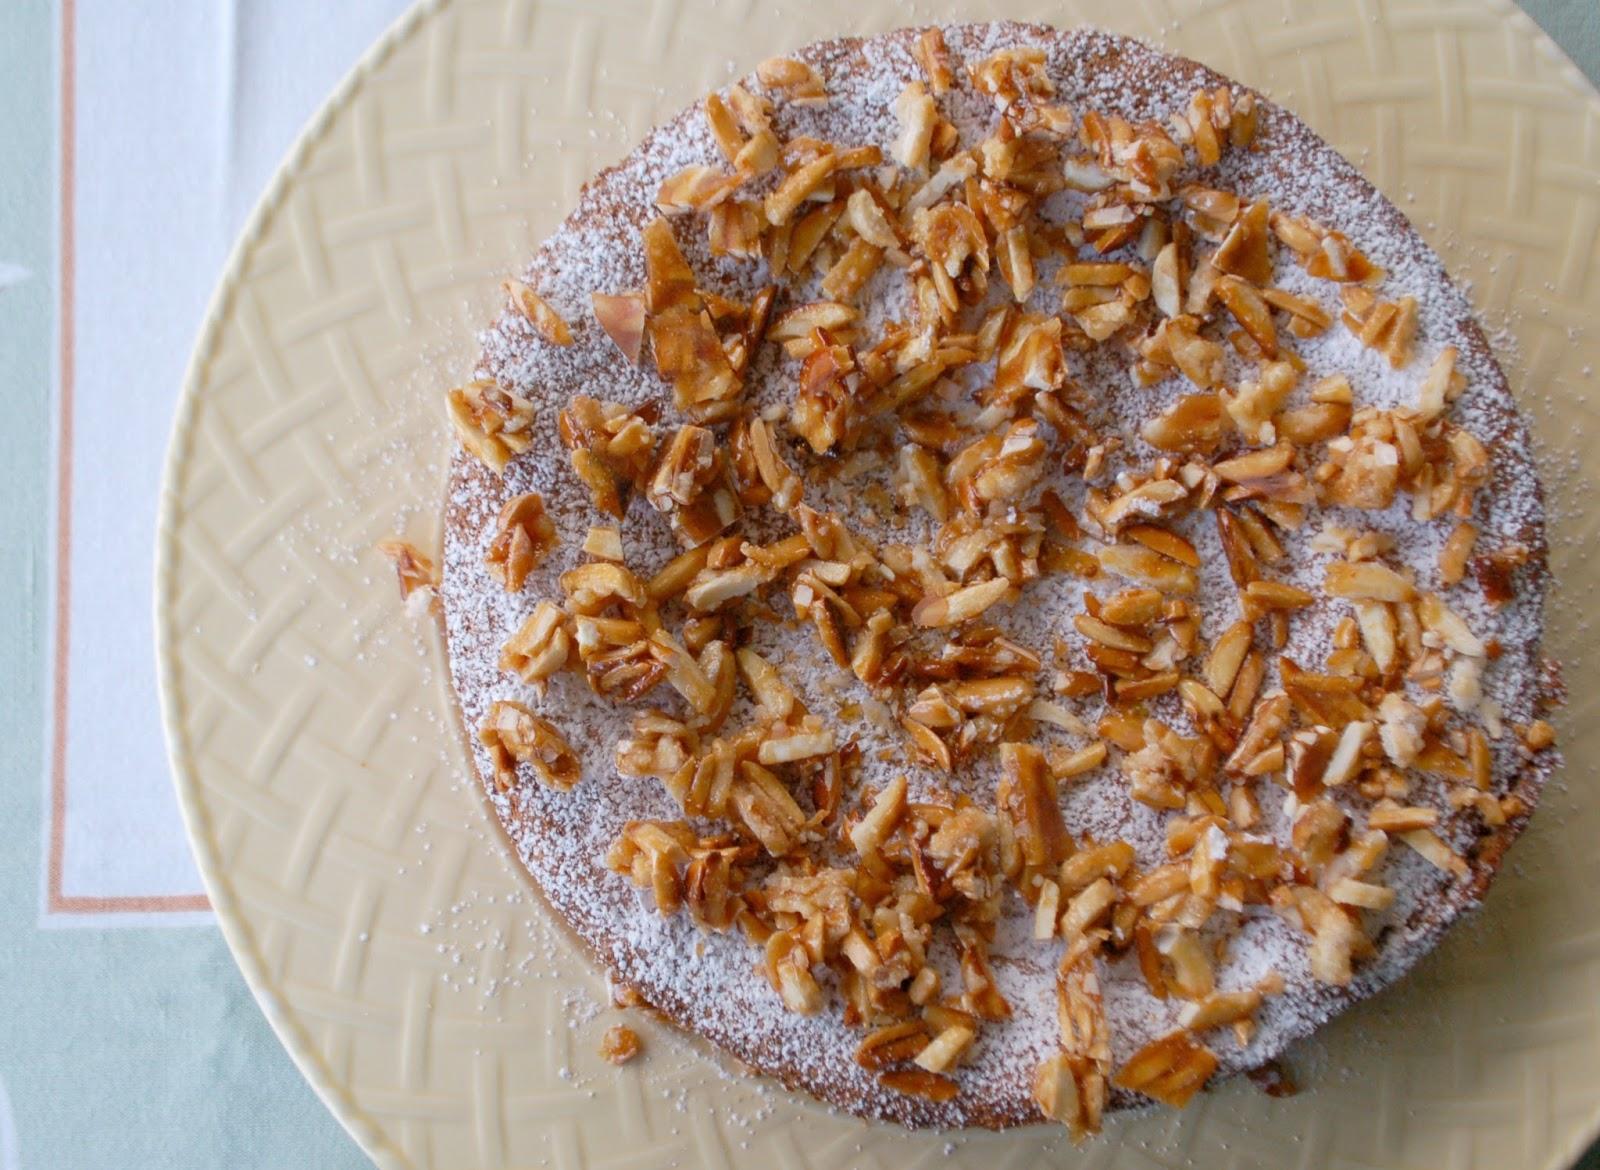 The Spice Garden: Citrus Almond Torte with Almond Brittle